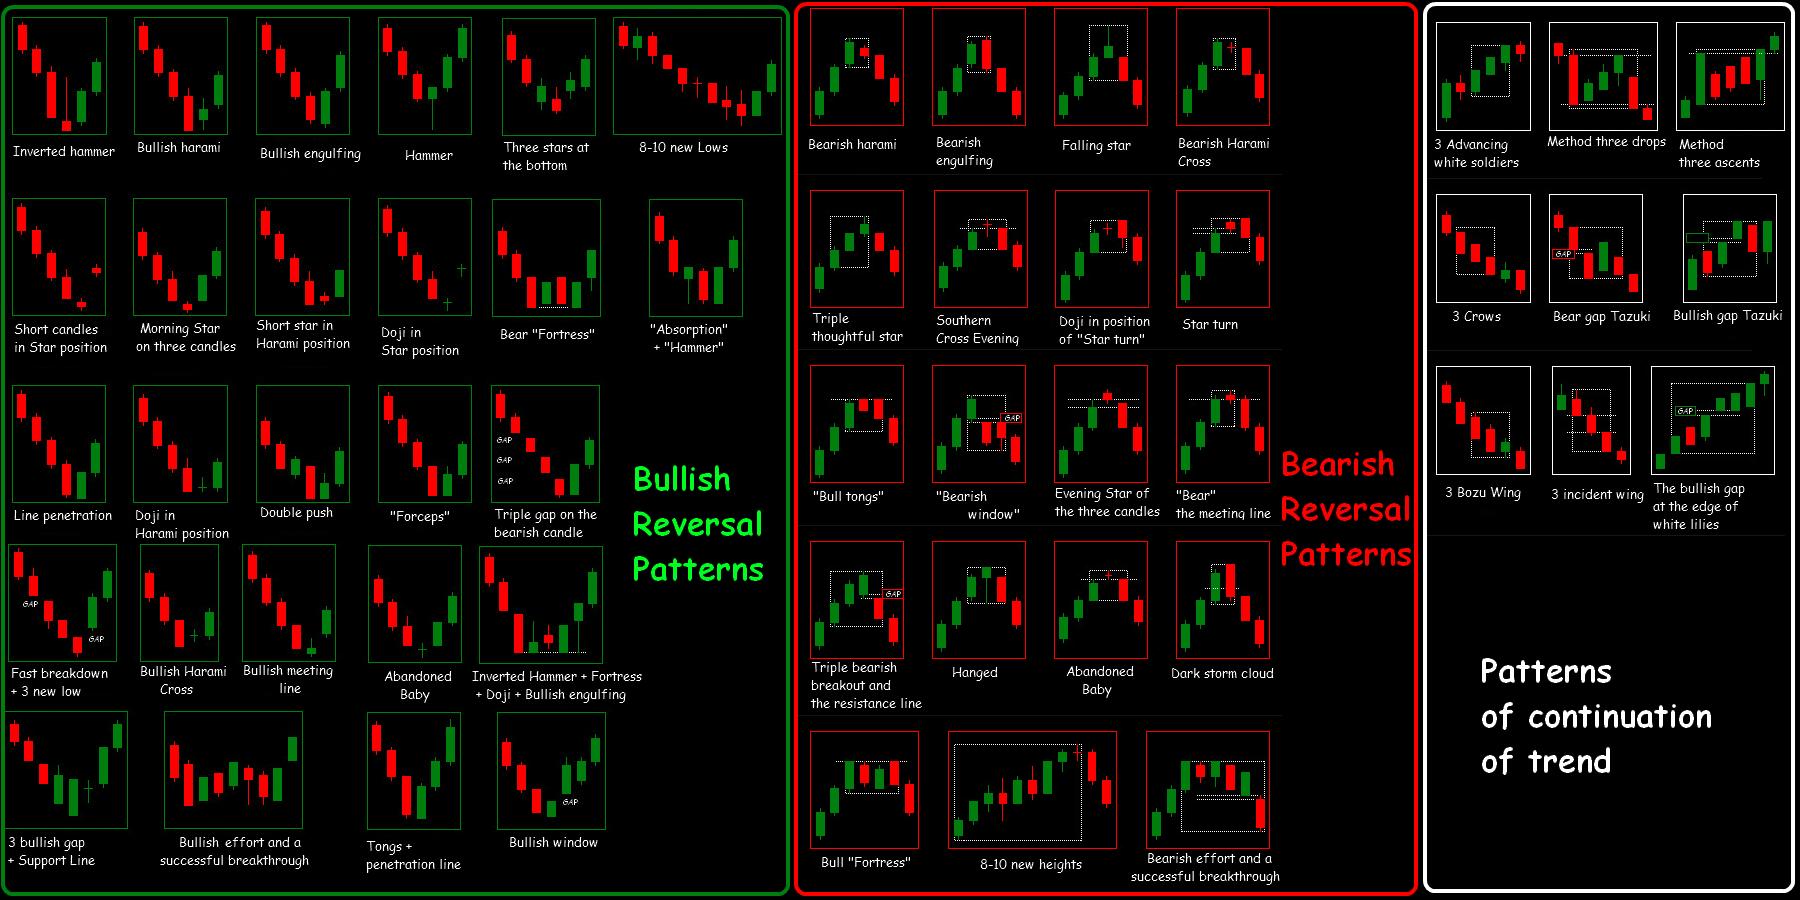 bónusz bináris opciók betét és befektetések nélkül